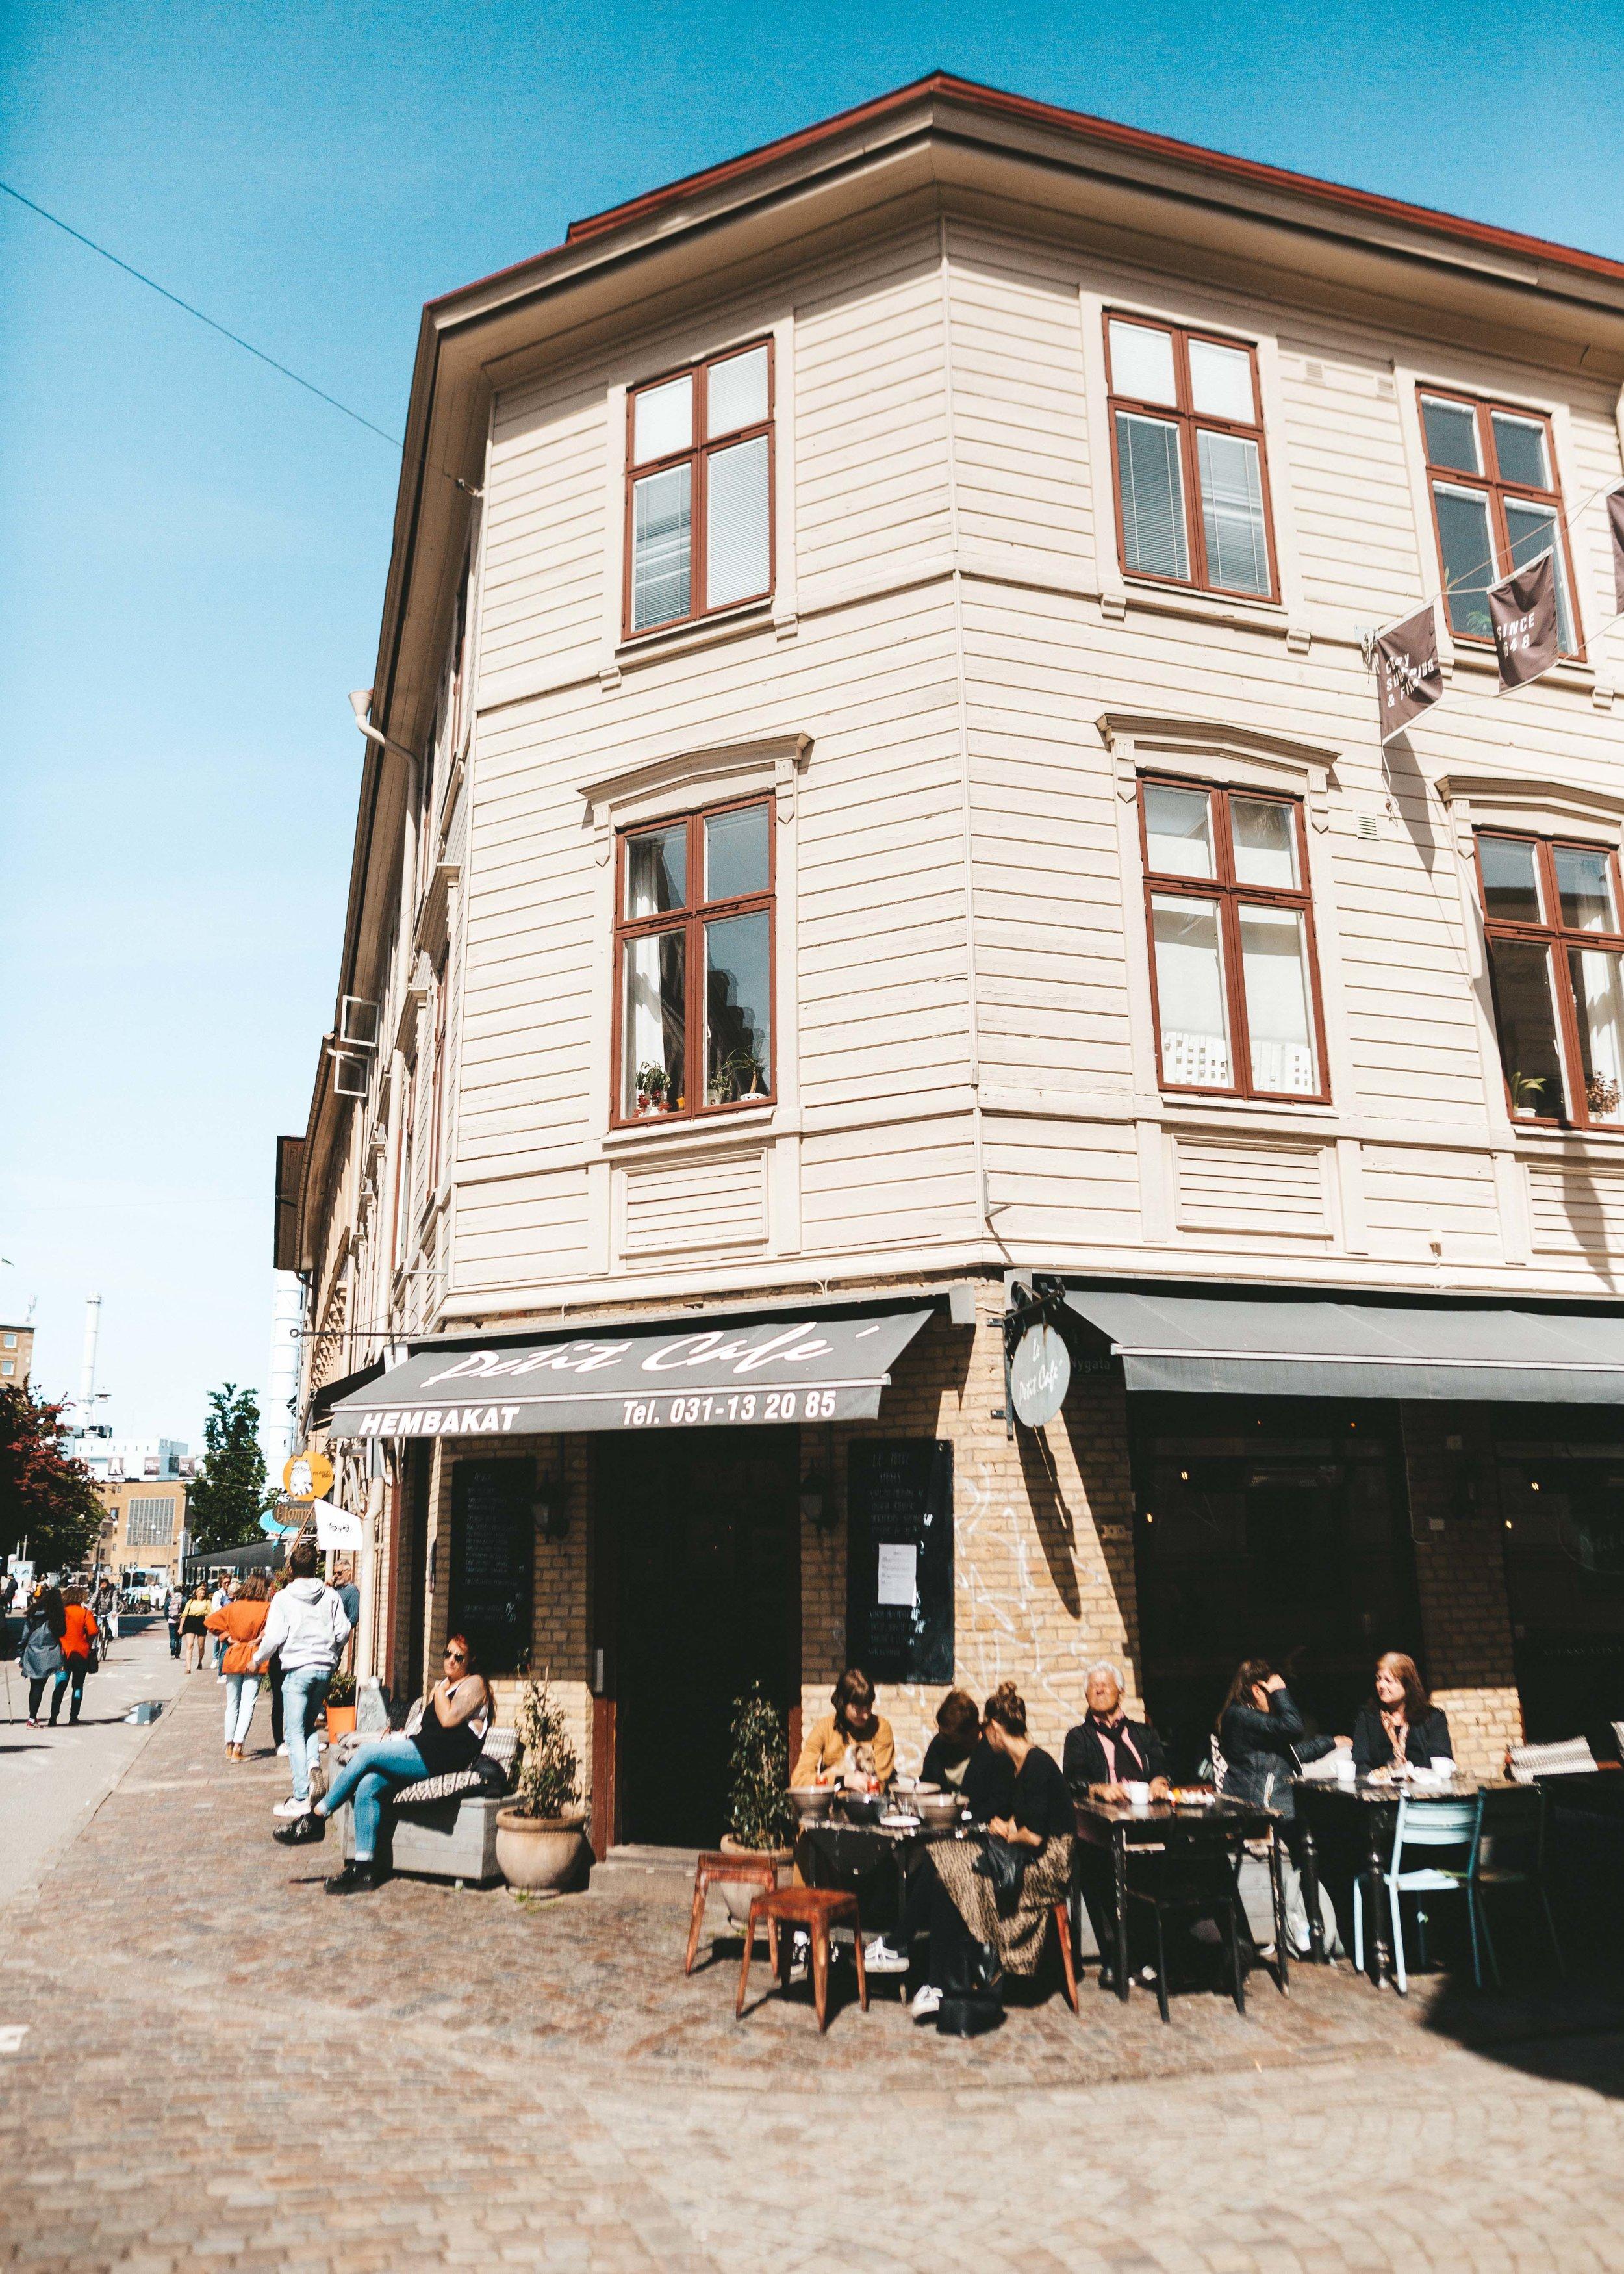 gothenburg (11 of 25).jpg